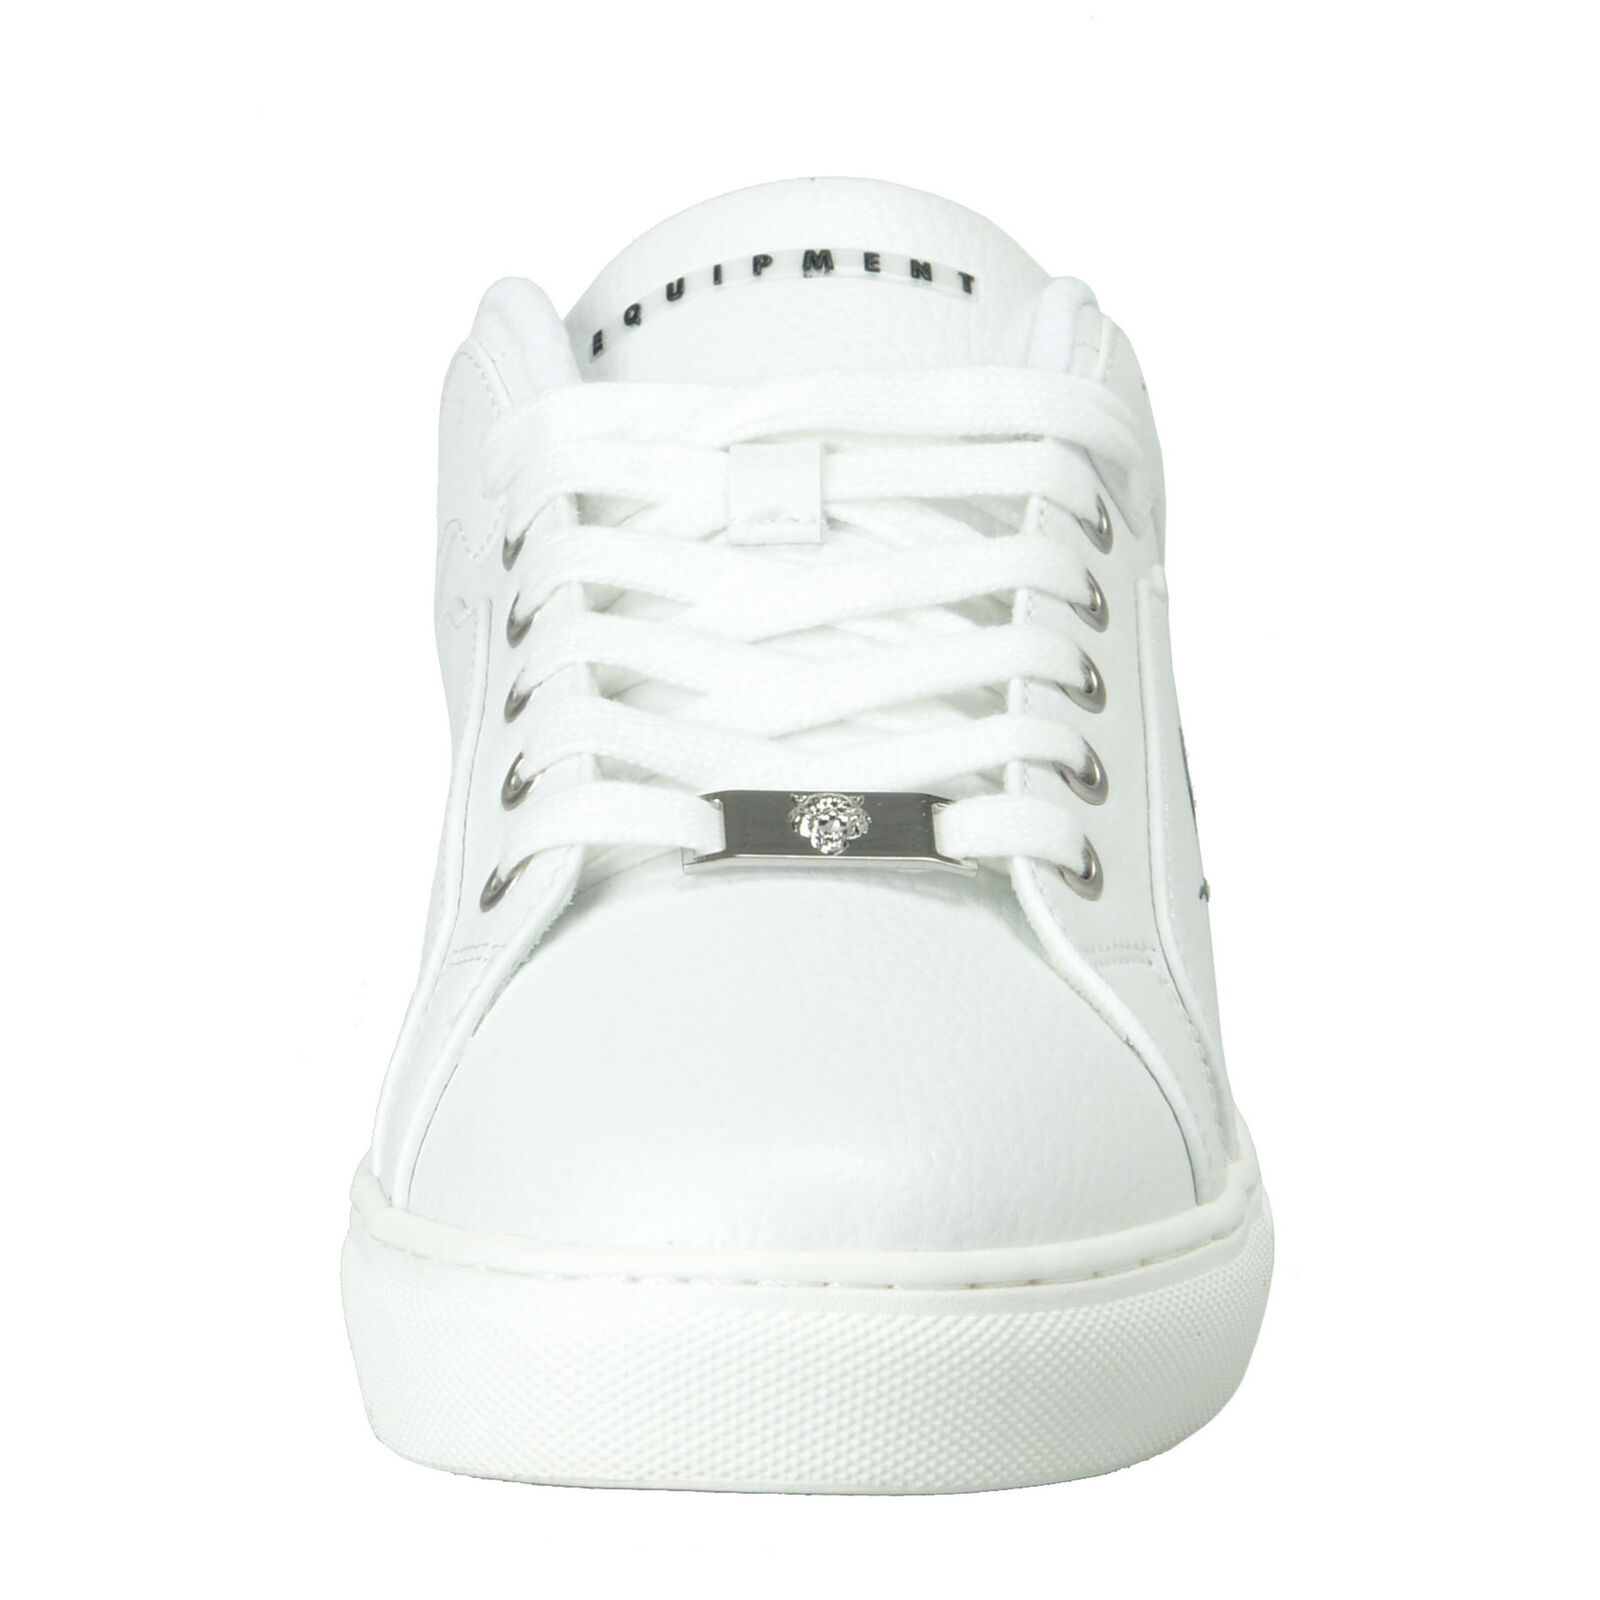 Plein Sport  Julian  White White White Low Top Fashion Sneakers shoes 8 8.5 9.5 10 de3b9a